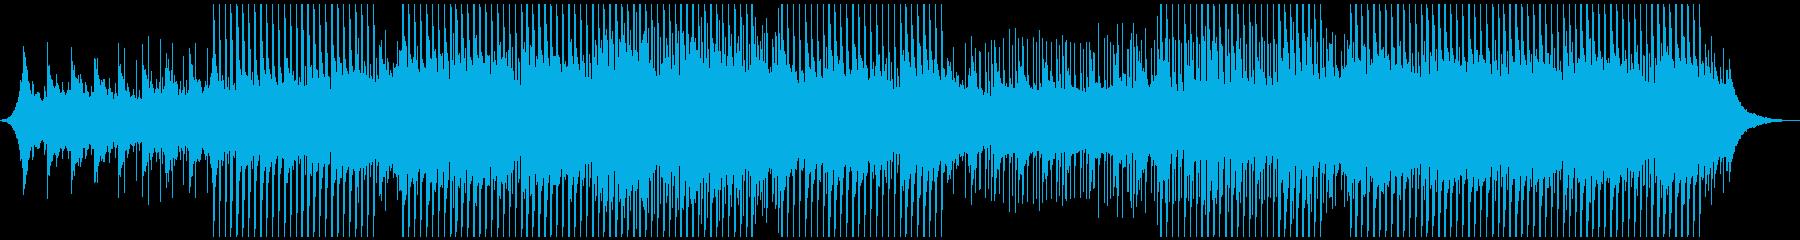 企業音楽の高揚の再生済みの波形